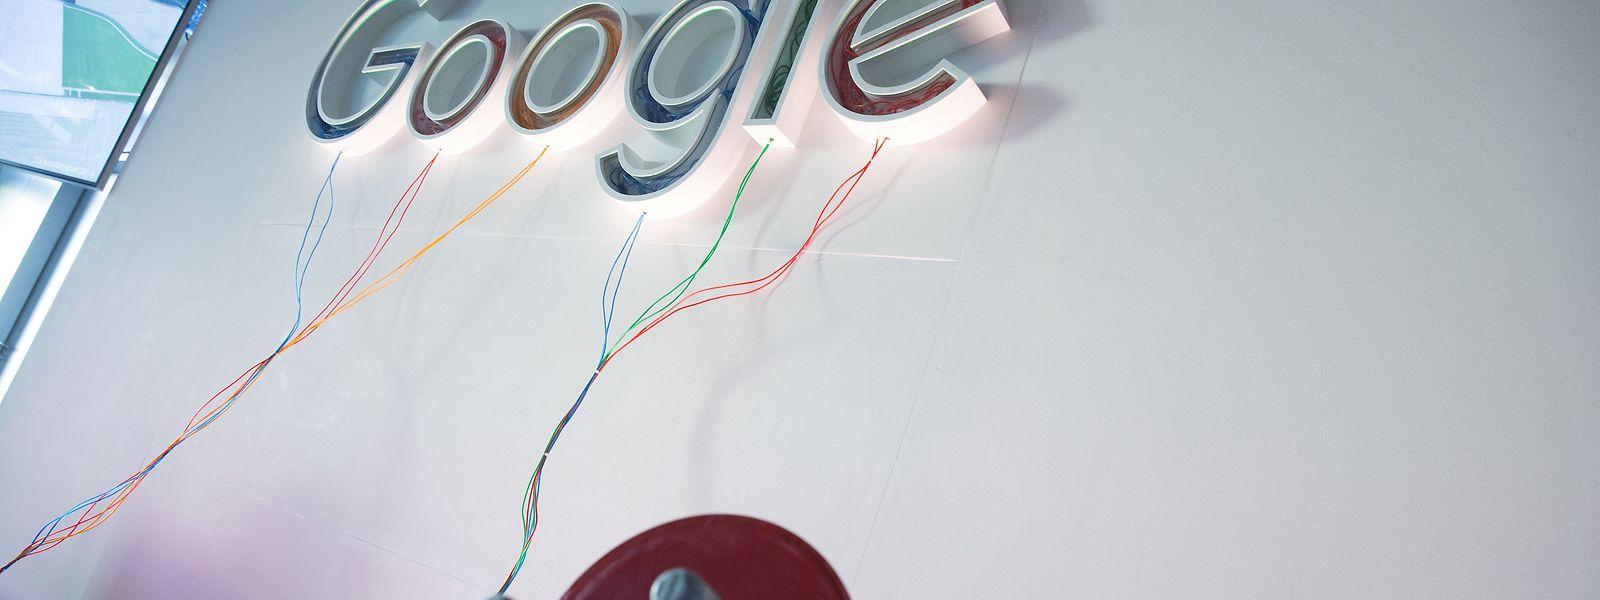 Dass Google in Luxemburg investieren möchte, hatte Wirtschaftsminister Etienne Schneider bereits im vergangenen Jahr auf Twitter angekündigt.